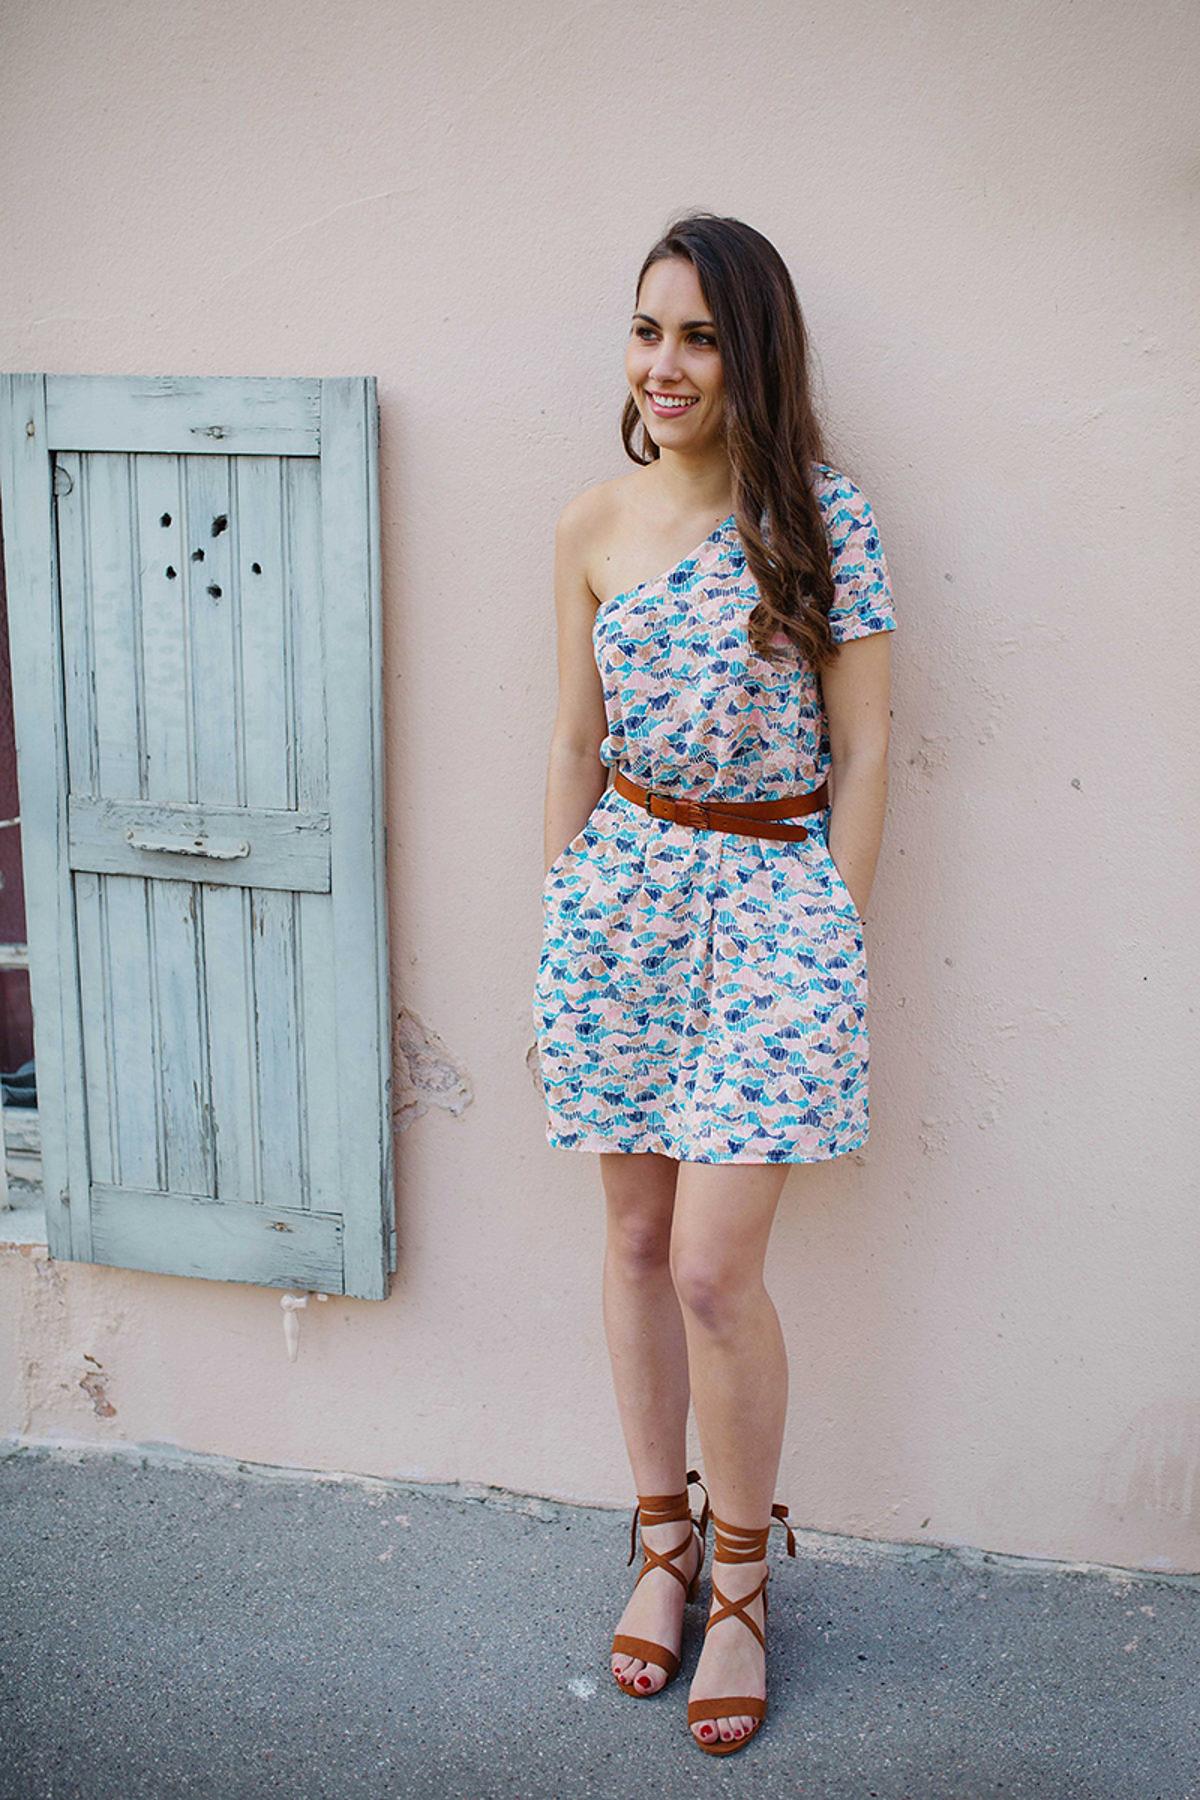 ma petite garde-robe robe numéro 1